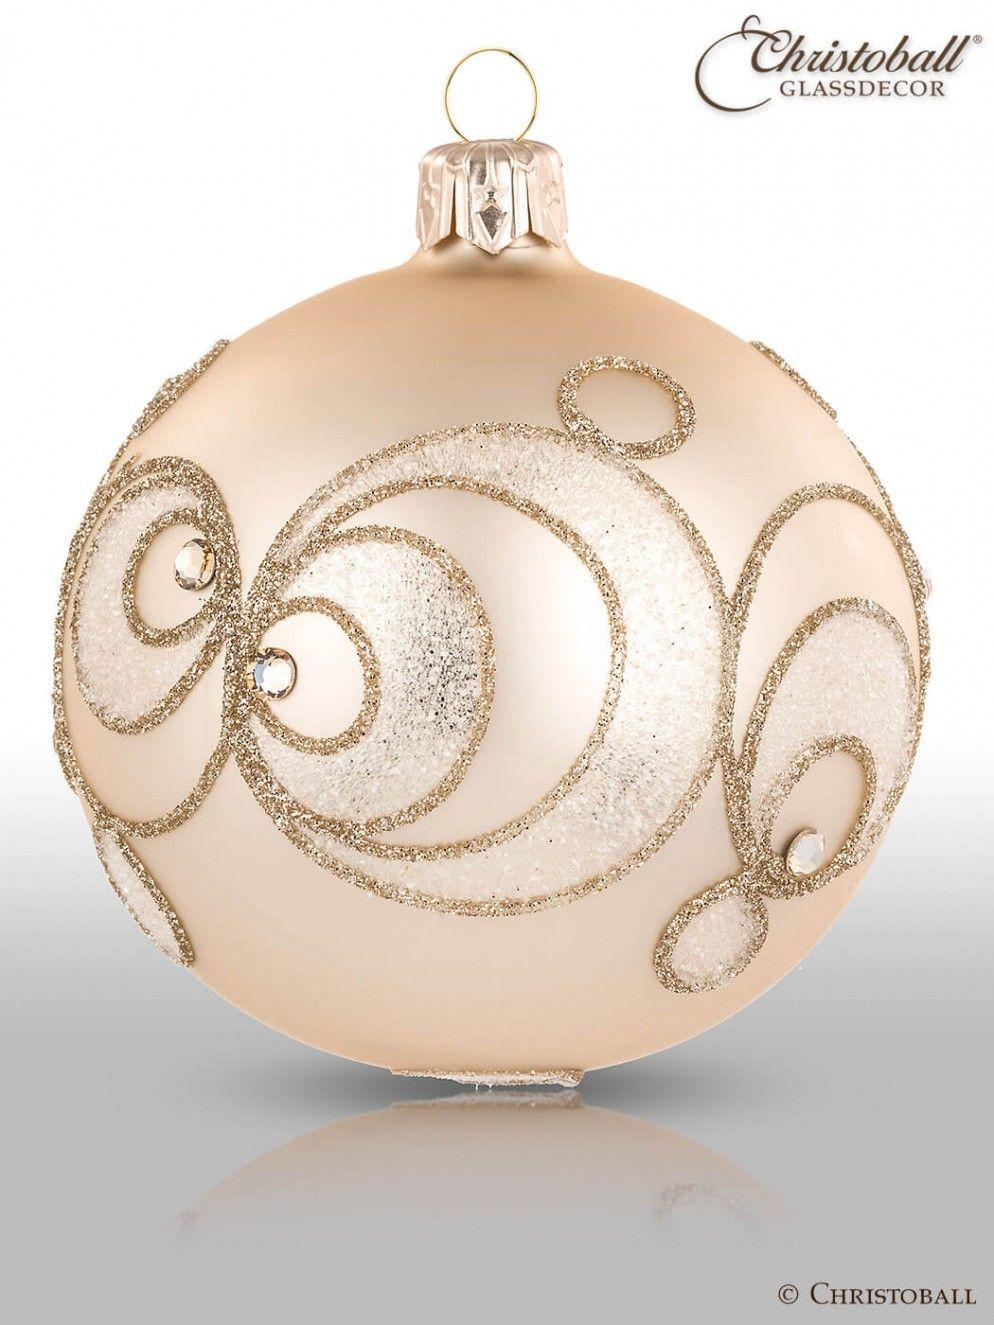 Christbaumkugeln Ornament.Solitario Christbaumkugeln Champagne Christmas Orn Christmas